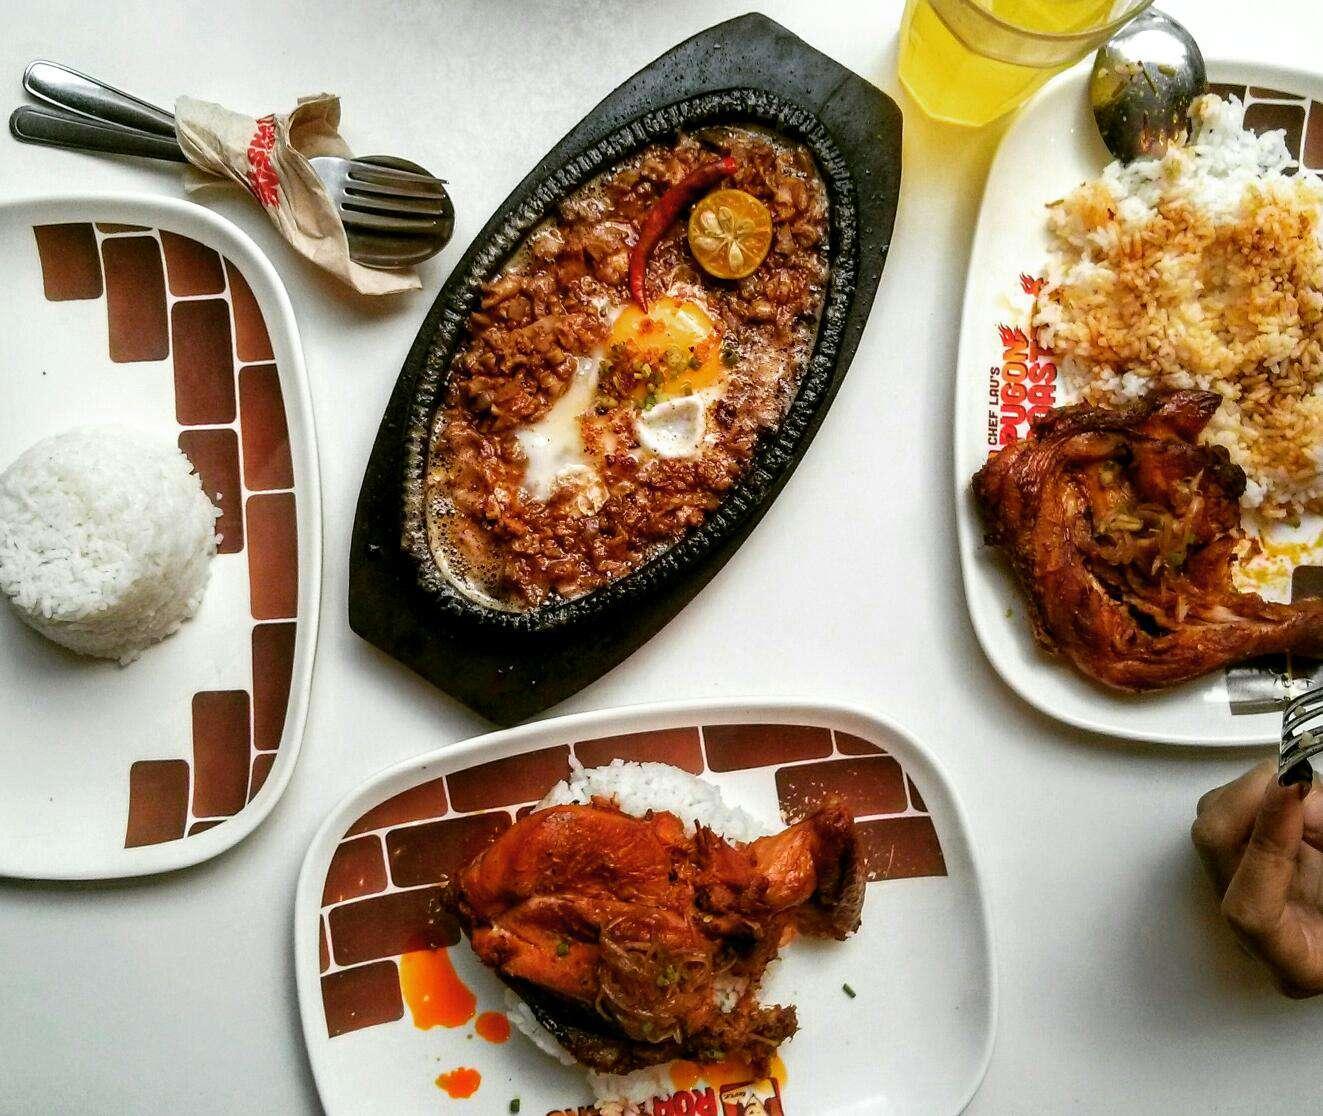 Cheap Eats - Salcedo - 4